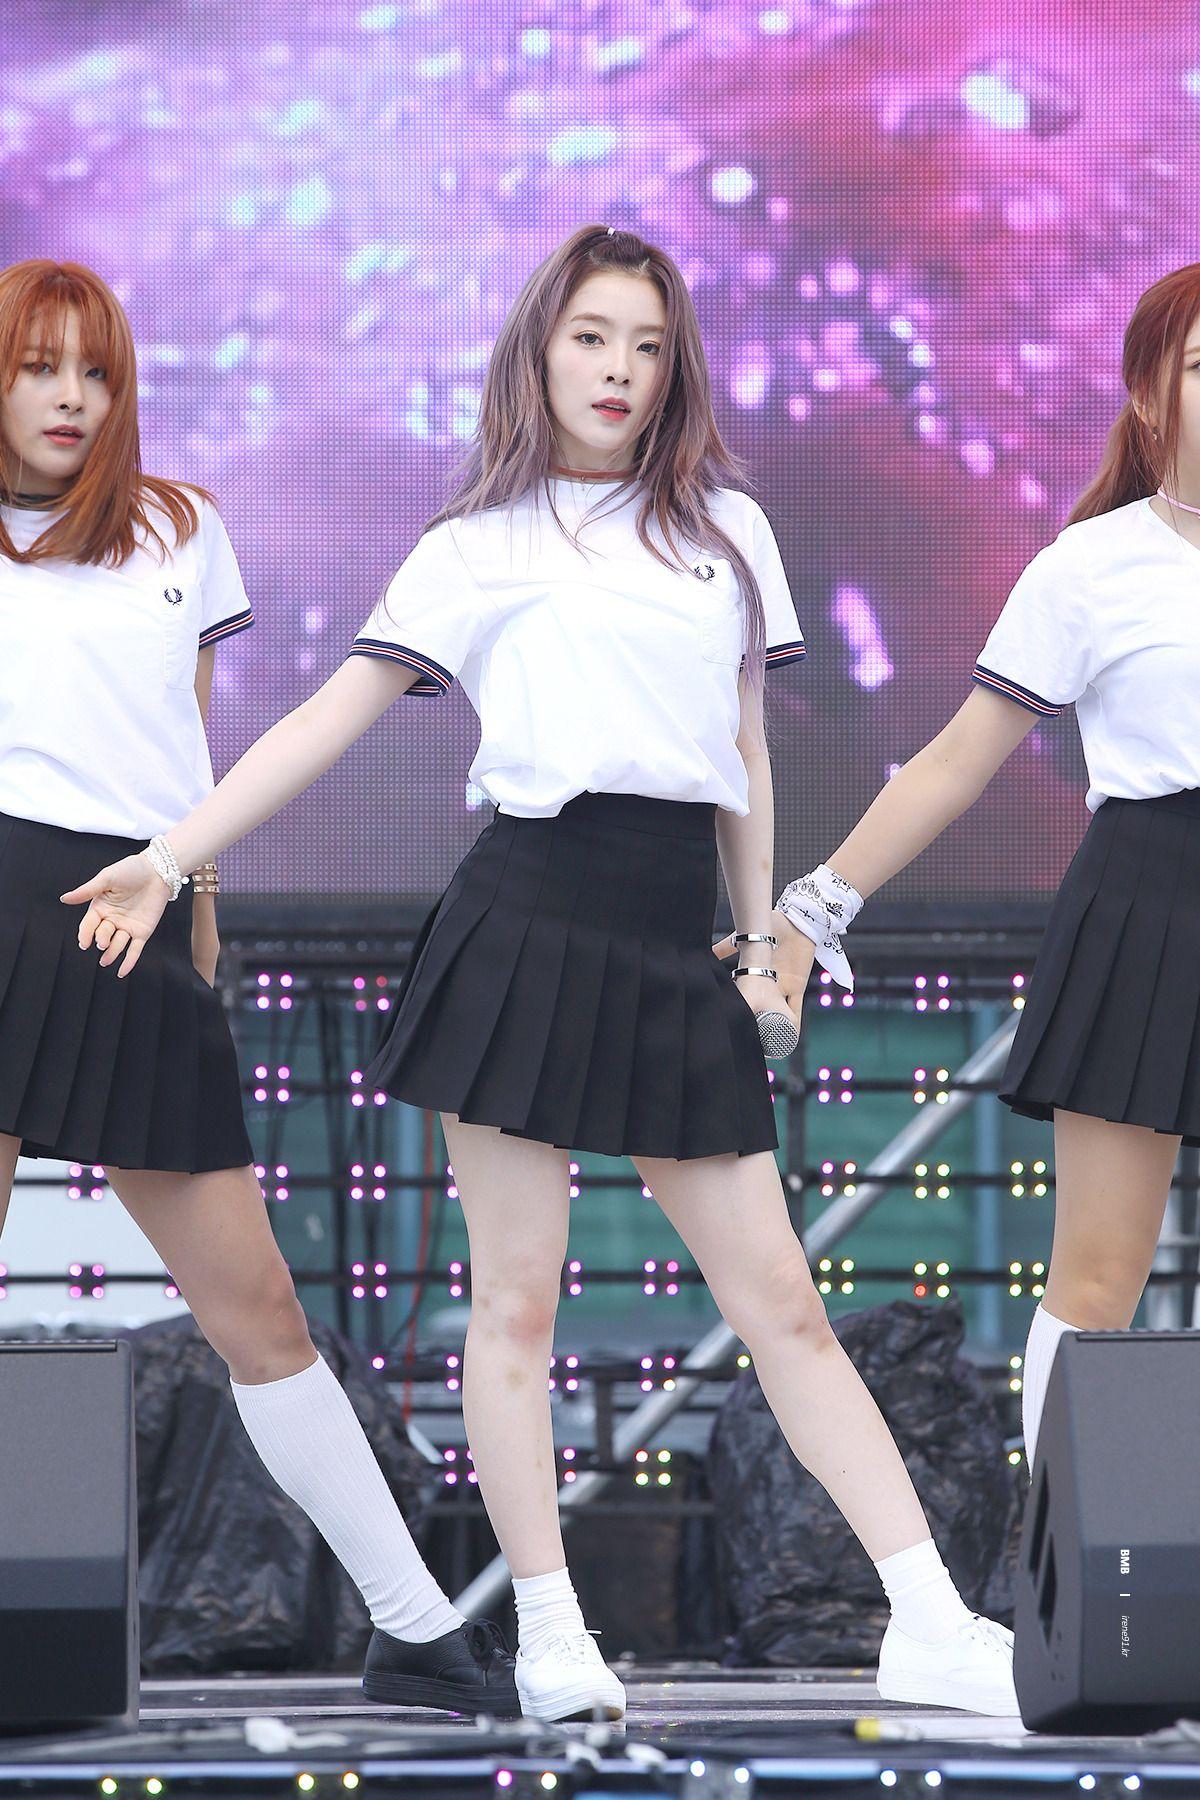 P Photoblog Dedicated To Female Kpop Idols P Red Velvet Irene Velvet Fashion Fashion